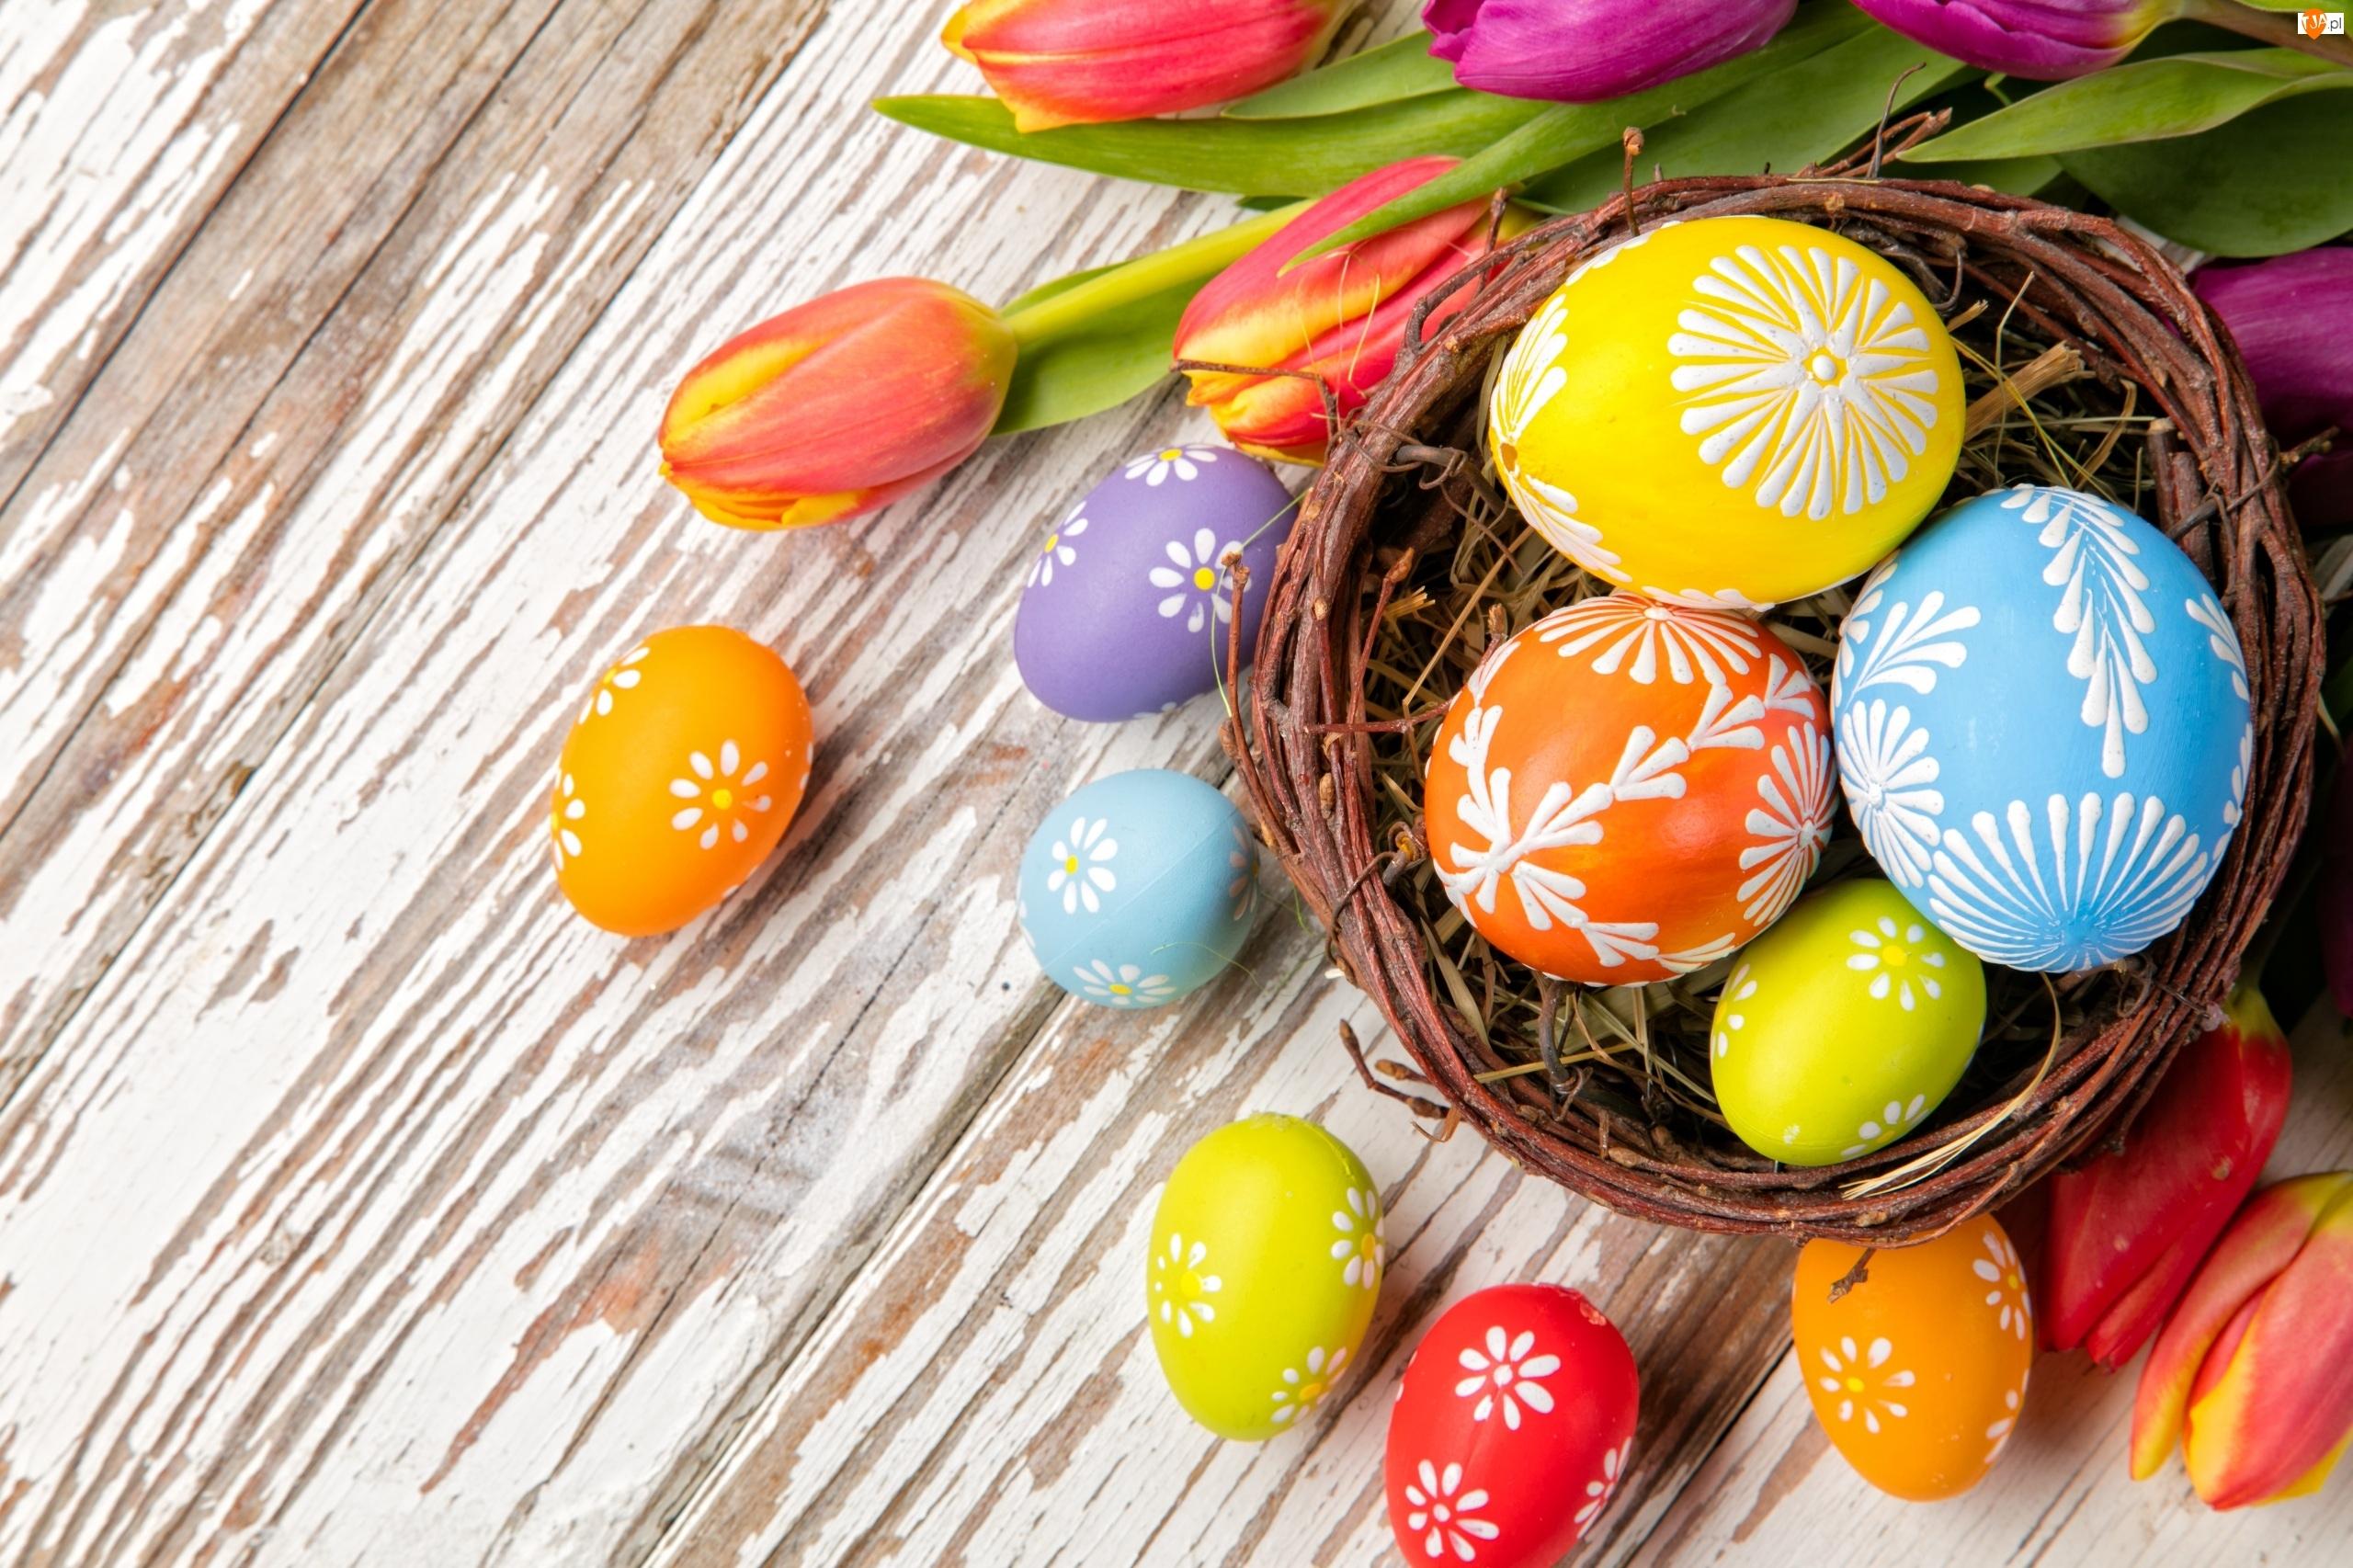 Tulipany, Wielkanoc, Pisanki, Dekoracja, Koszyk